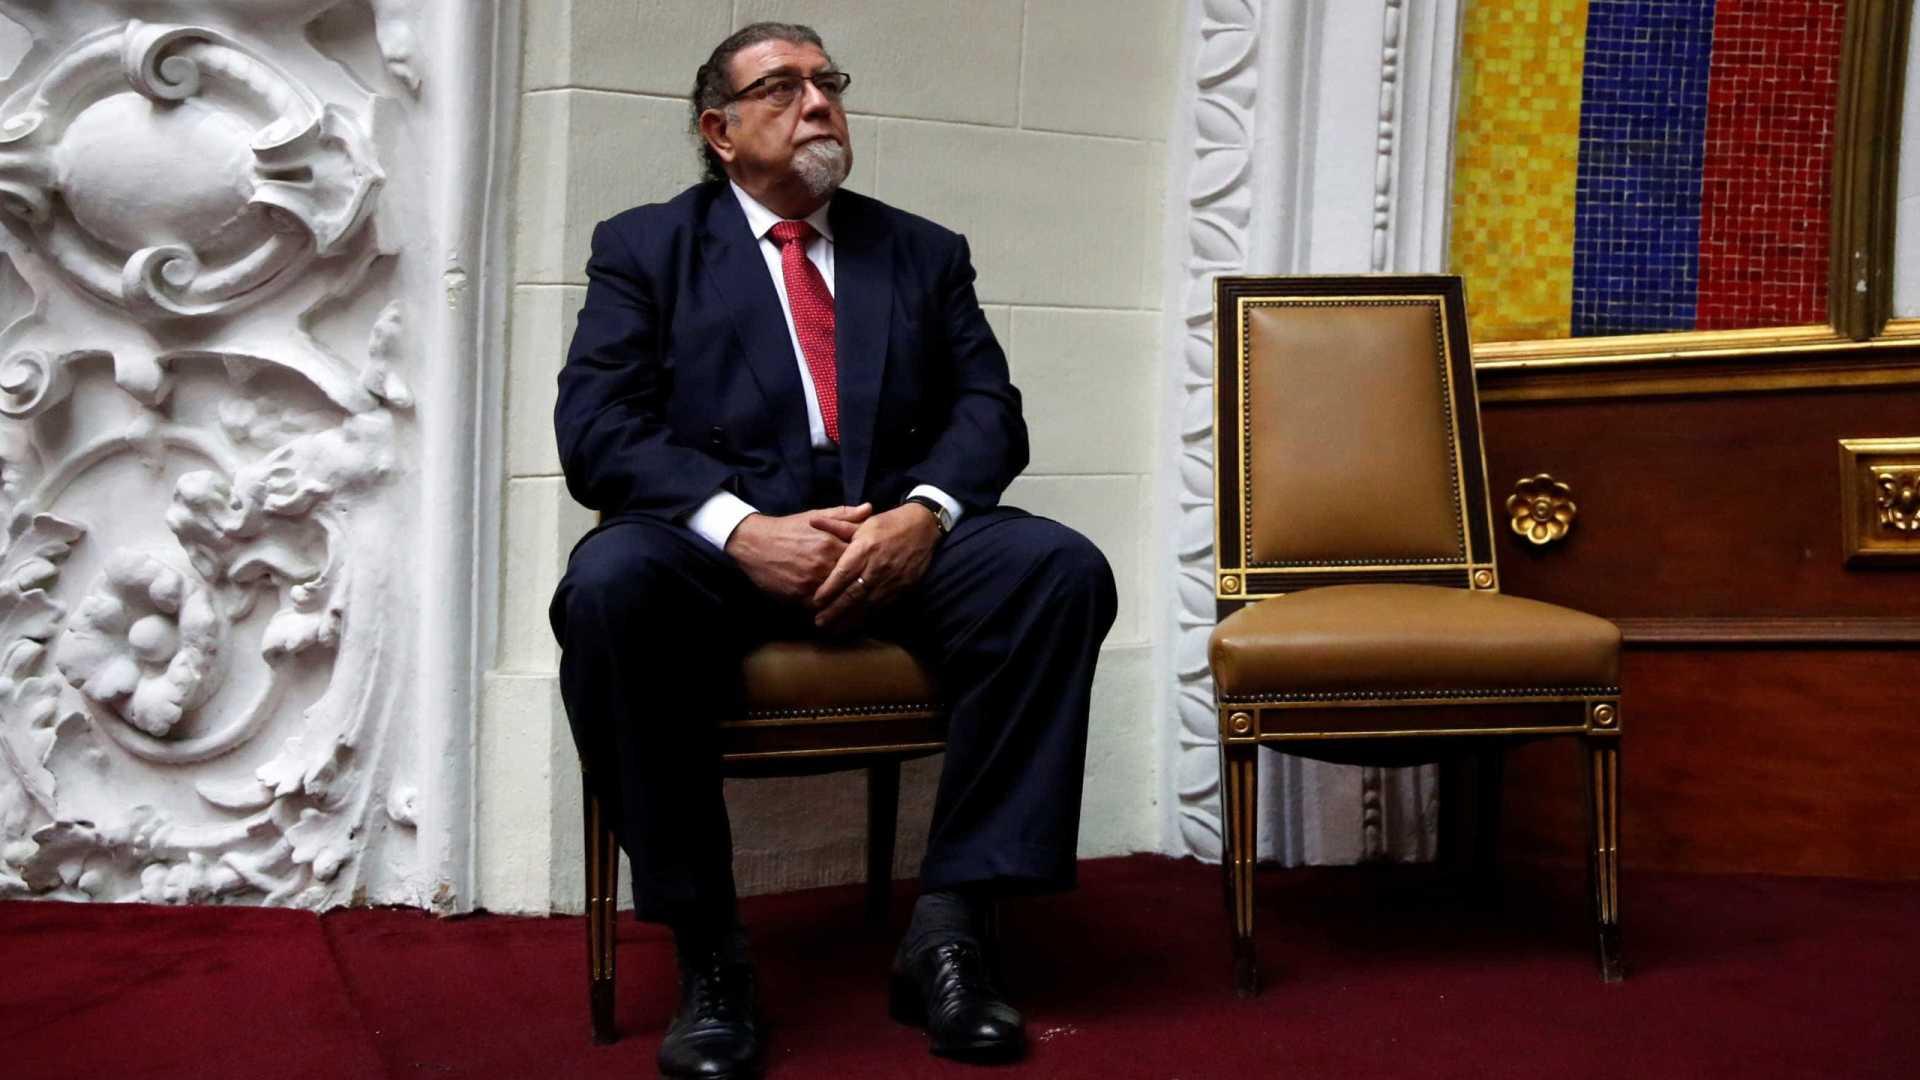 A Assembleia Constituinte da Venezuela declarou o embaixador do Brasil em Caracas, Ruy Pereira, persona non grata, o que significa que o diplomata não poderá estar mais no país - Imagem:  Carlos Garcia Rawlins/Reuters